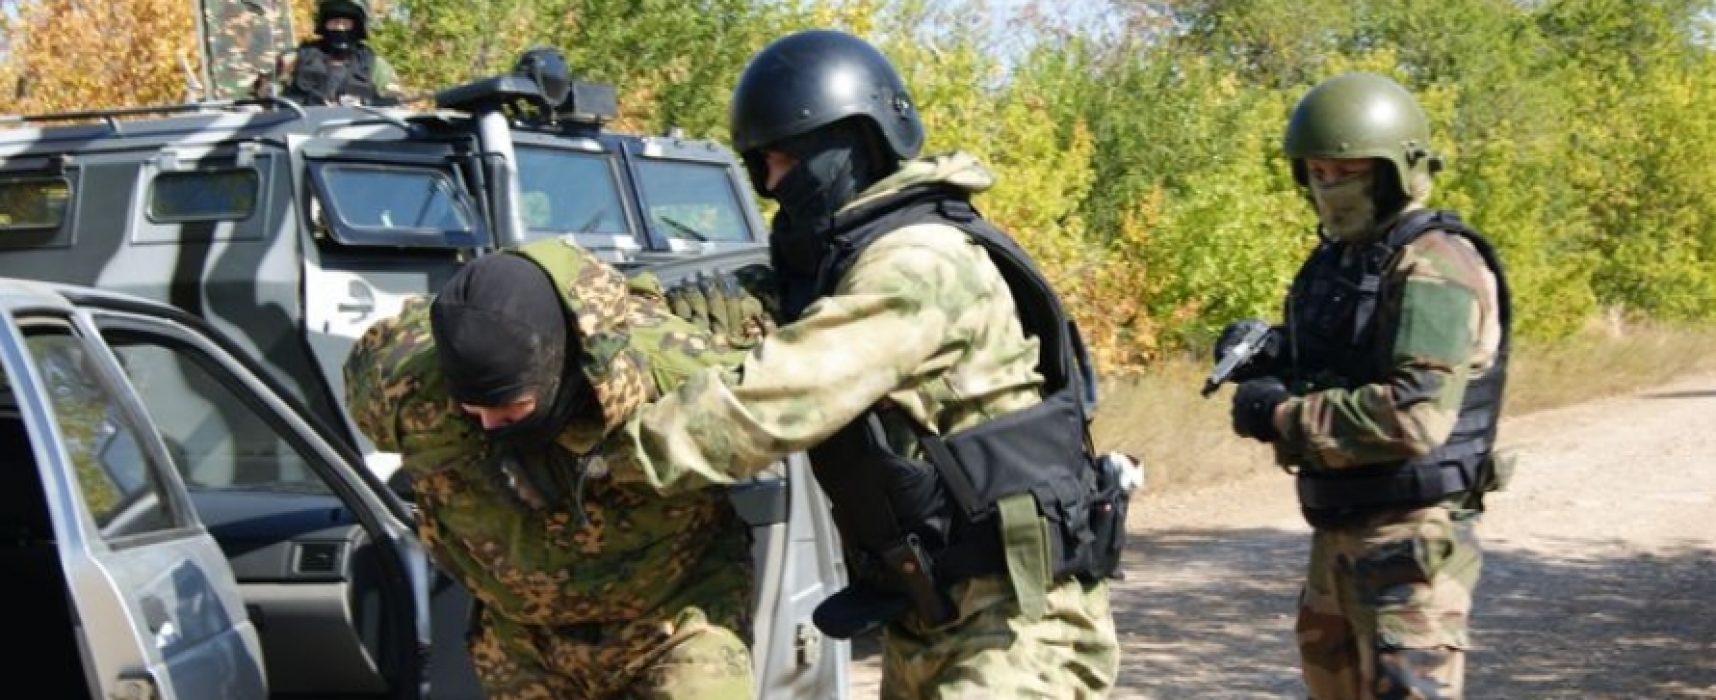 Фейк российских СМИ: задержанных в Минске бойцов «ЧВК Вагнера» выманили туда украинские спецслужбы